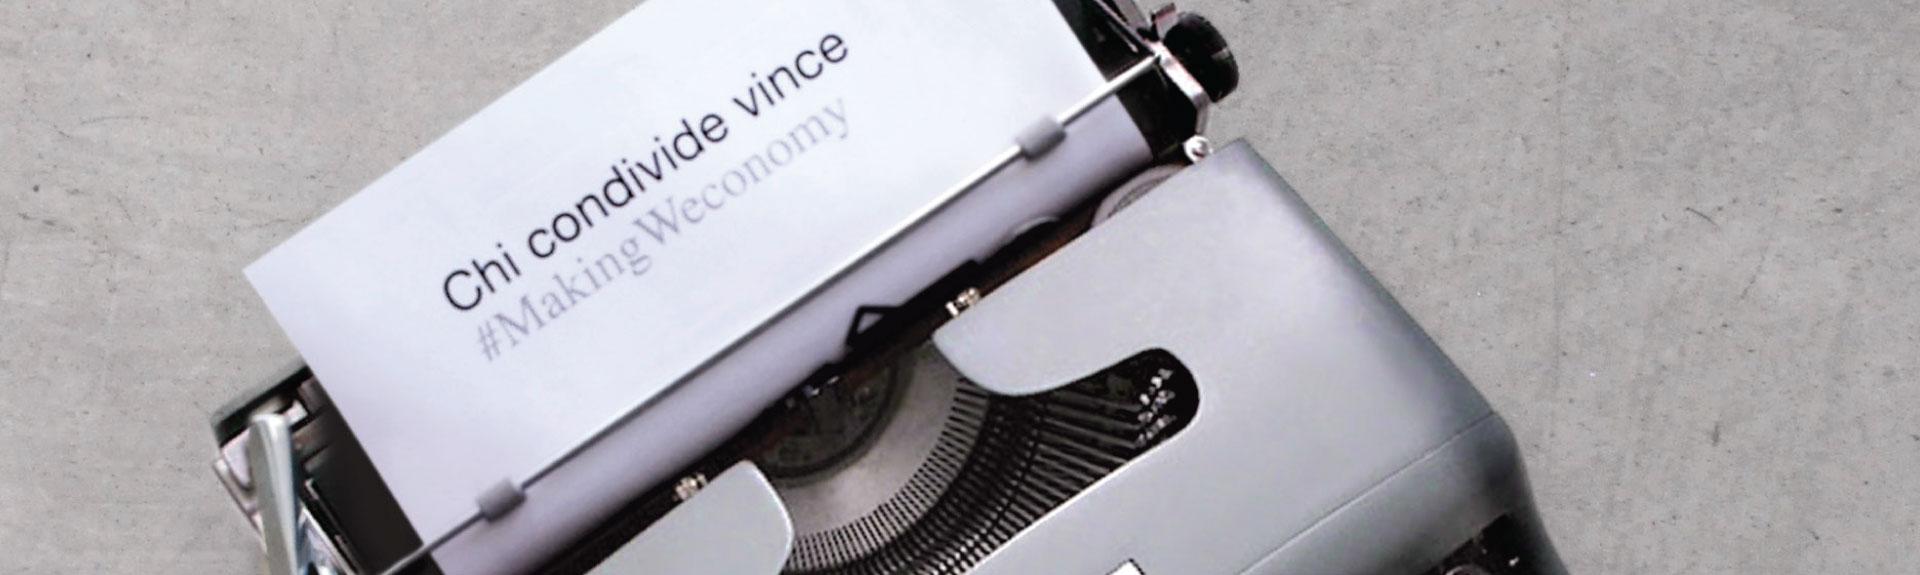 Making Weconomy: una nuova primavera per l'impresa